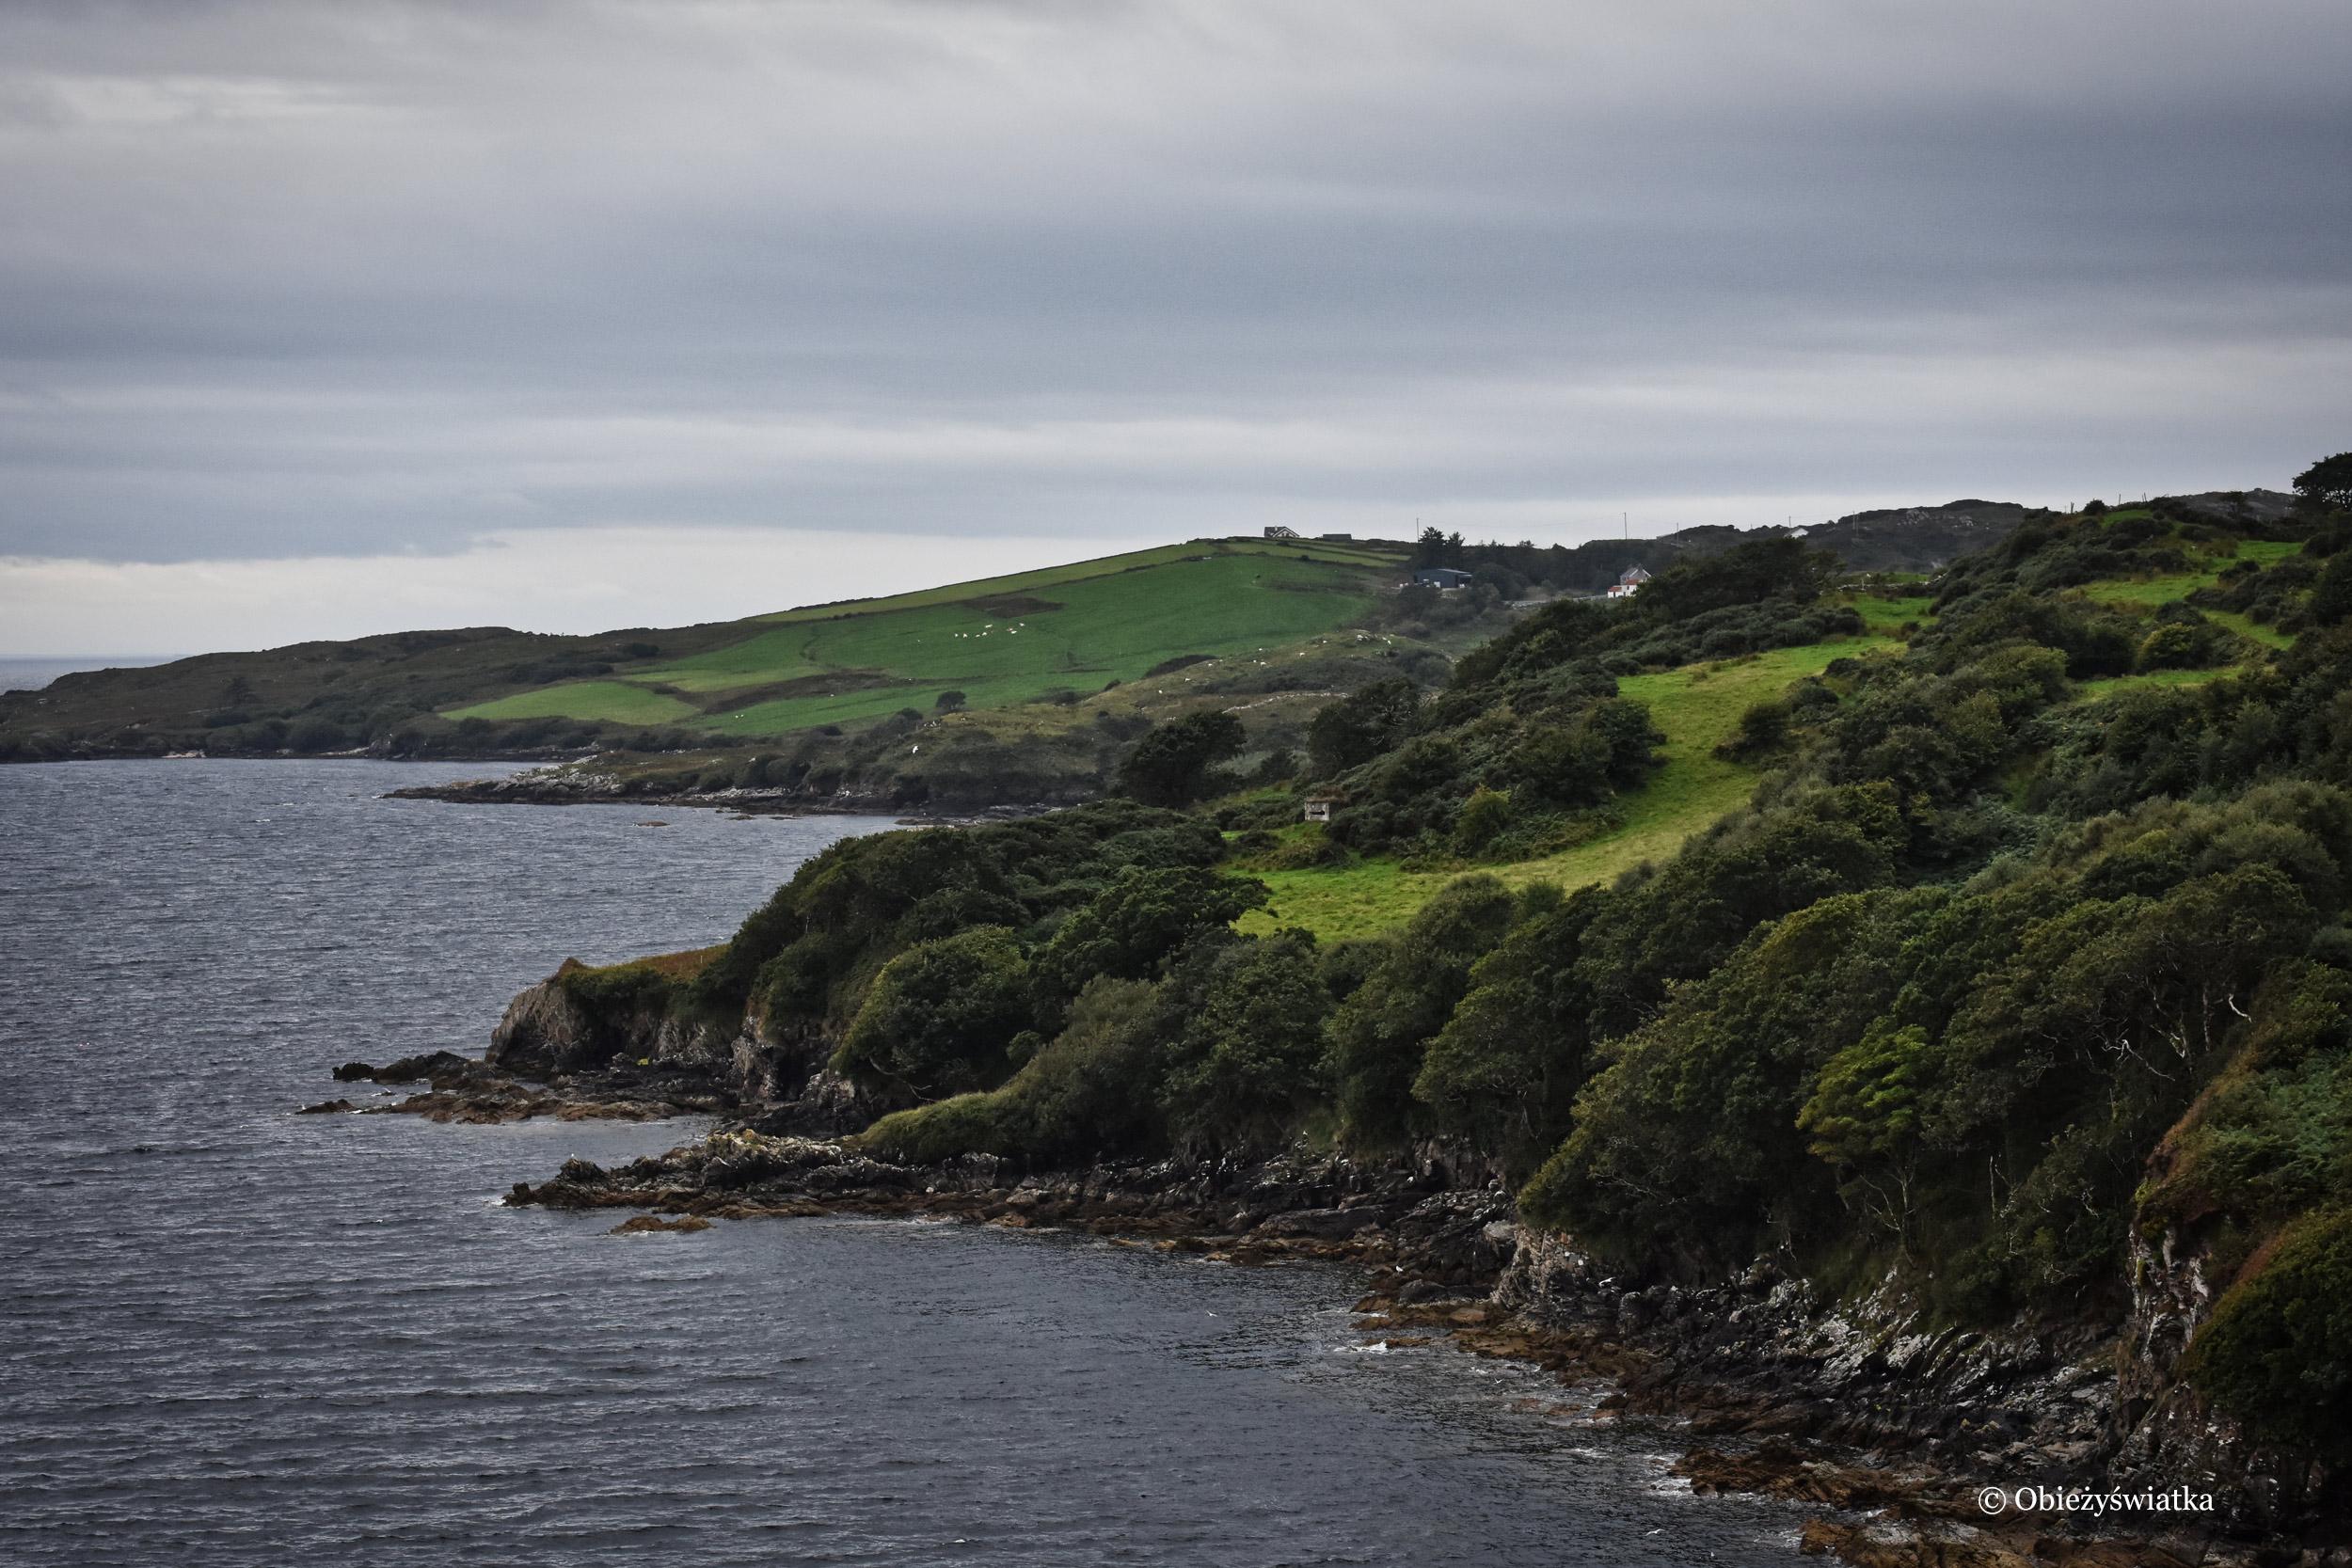 Łagodne, zielone wzgórza Irlandii